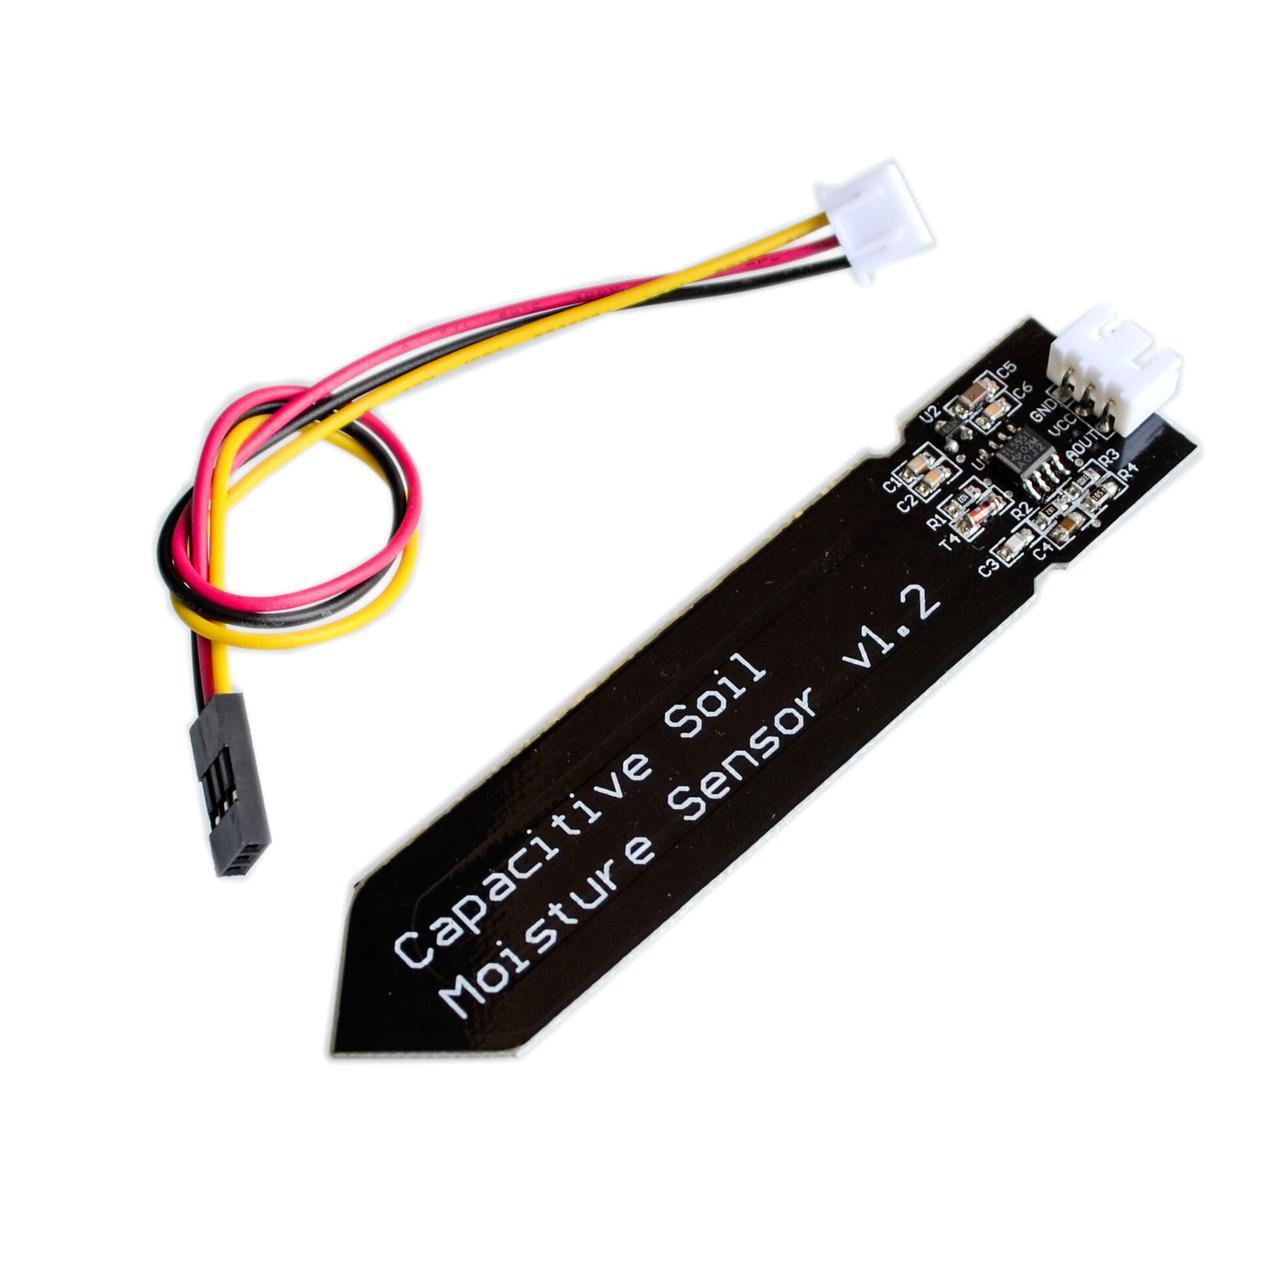 Аналоговый датчик, сенсор влажности почвы, 3.3 - 5.5V Arduino/Raspberry